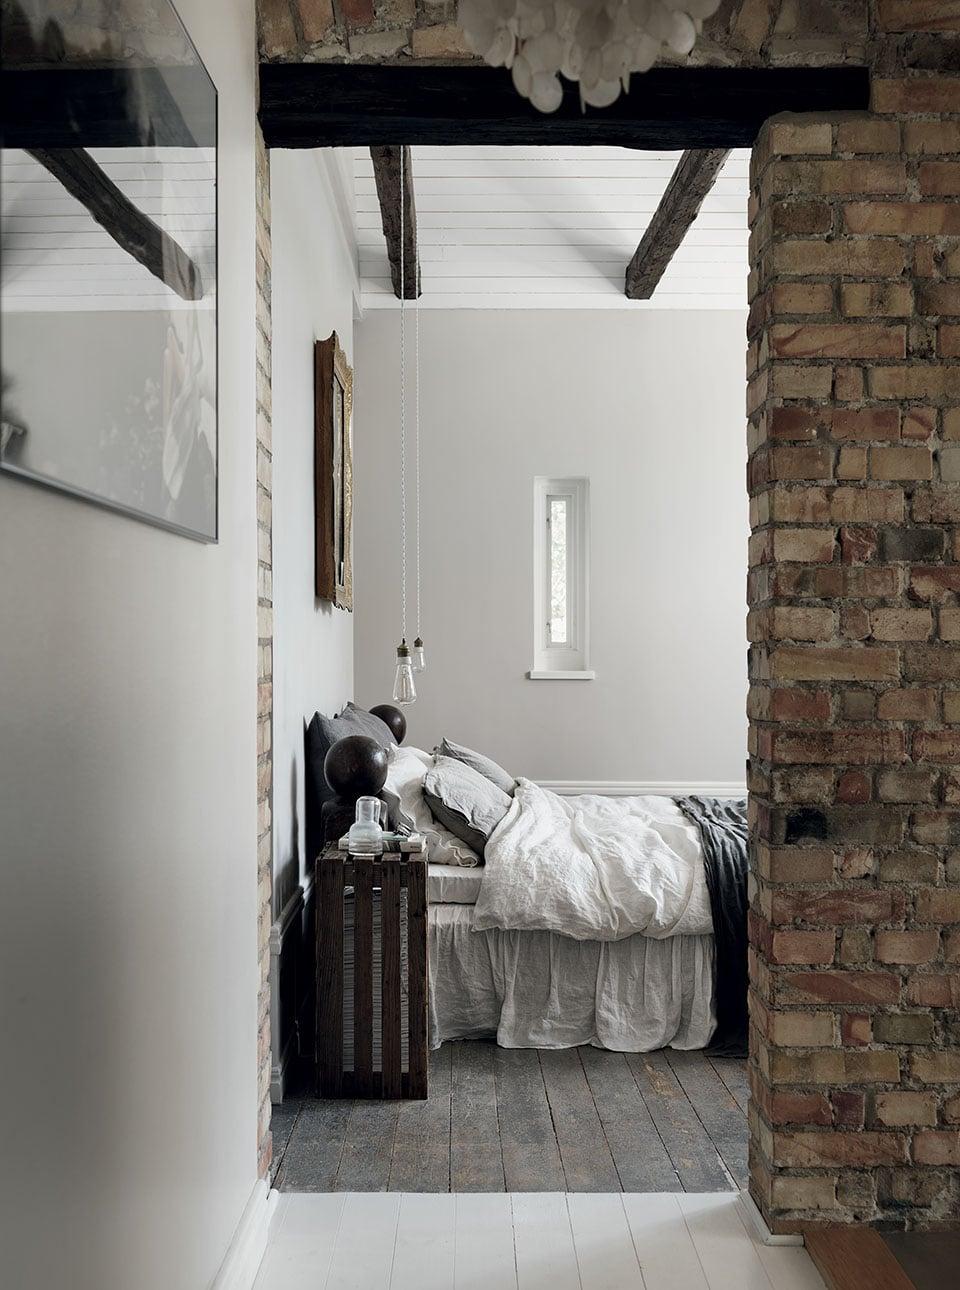 milkbedroom.jpg